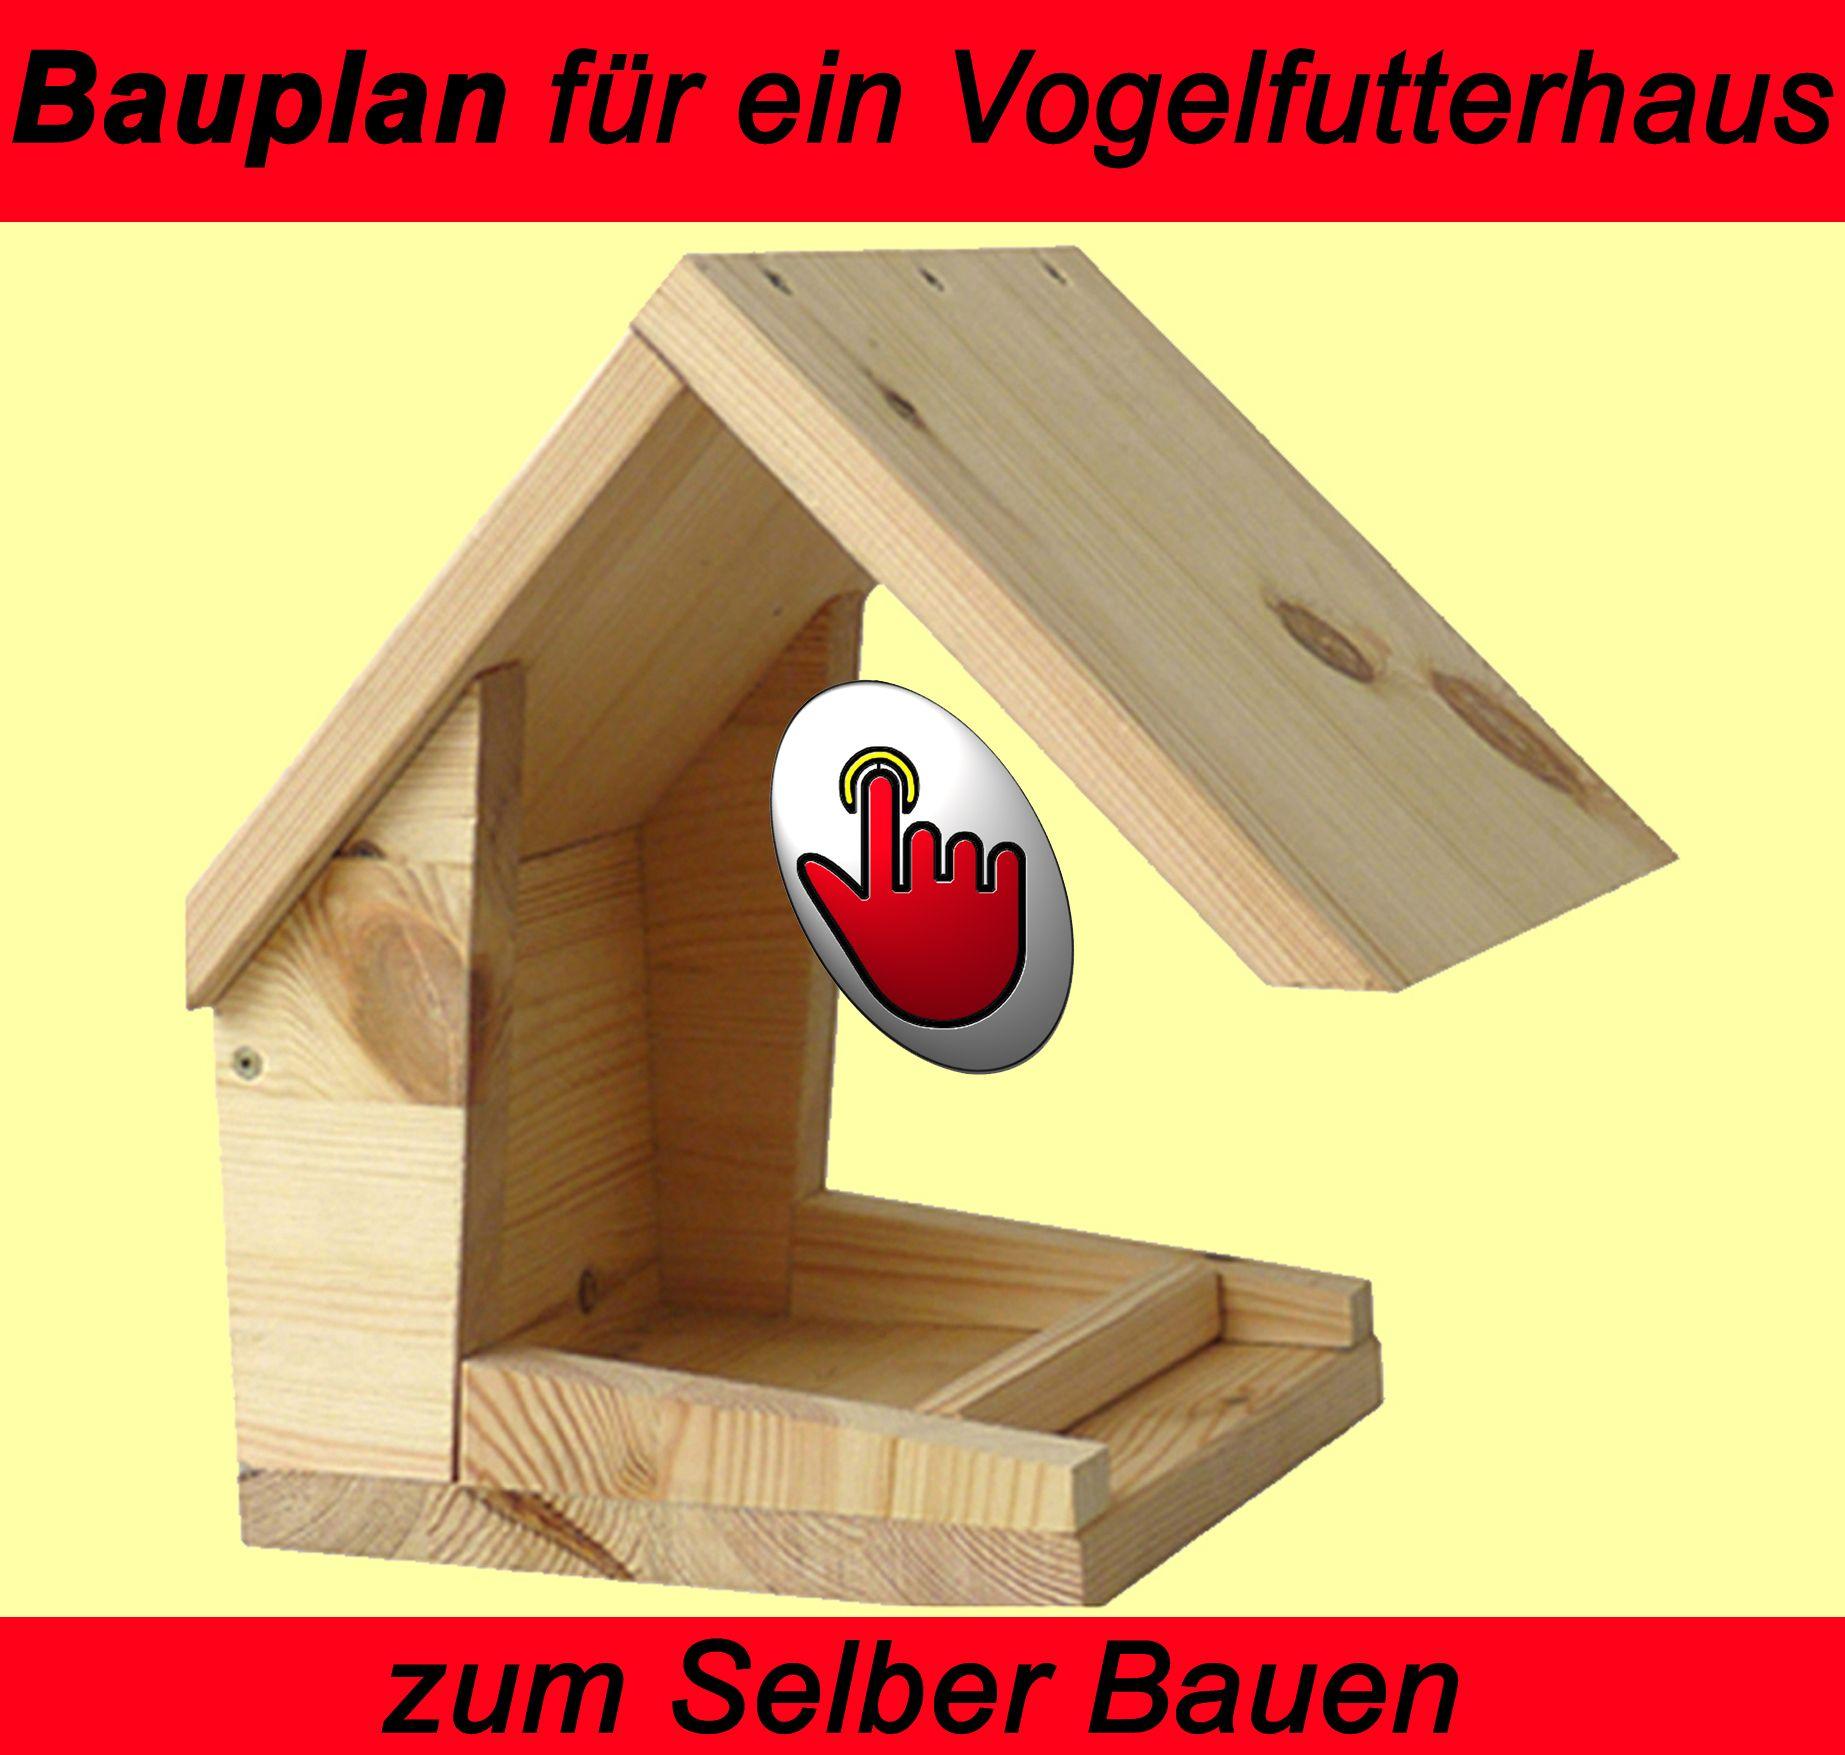 vogelh uschen als vogelfutterhaus aus holz mittels trenn. Black Bedroom Furniture Sets. Home Design Ideas